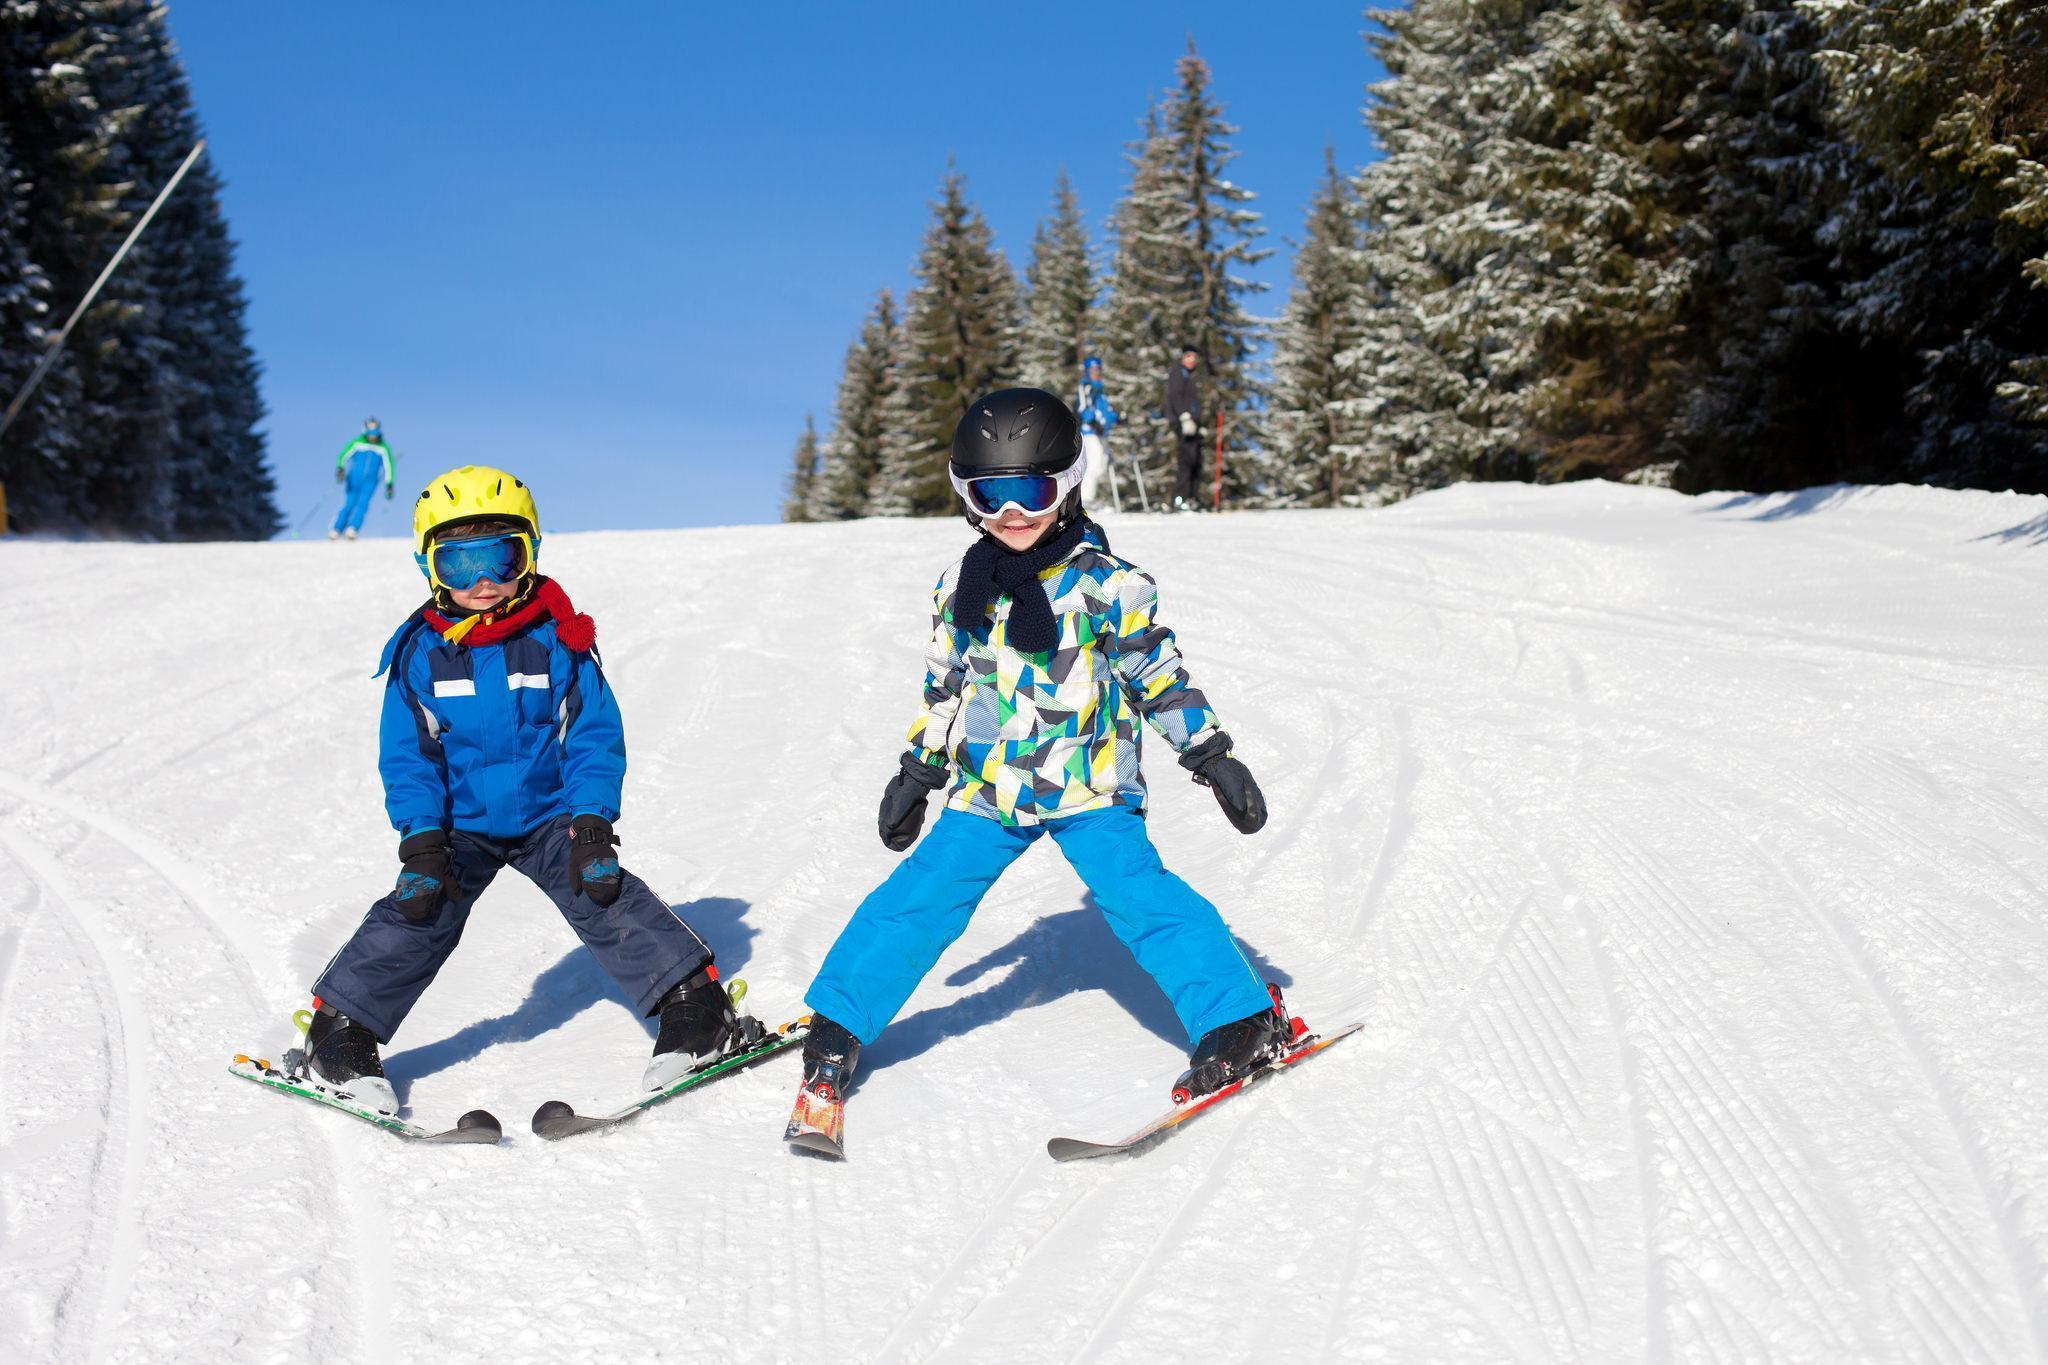 Skilessen voor kinderen (6-15 jaar) - Gevorderden